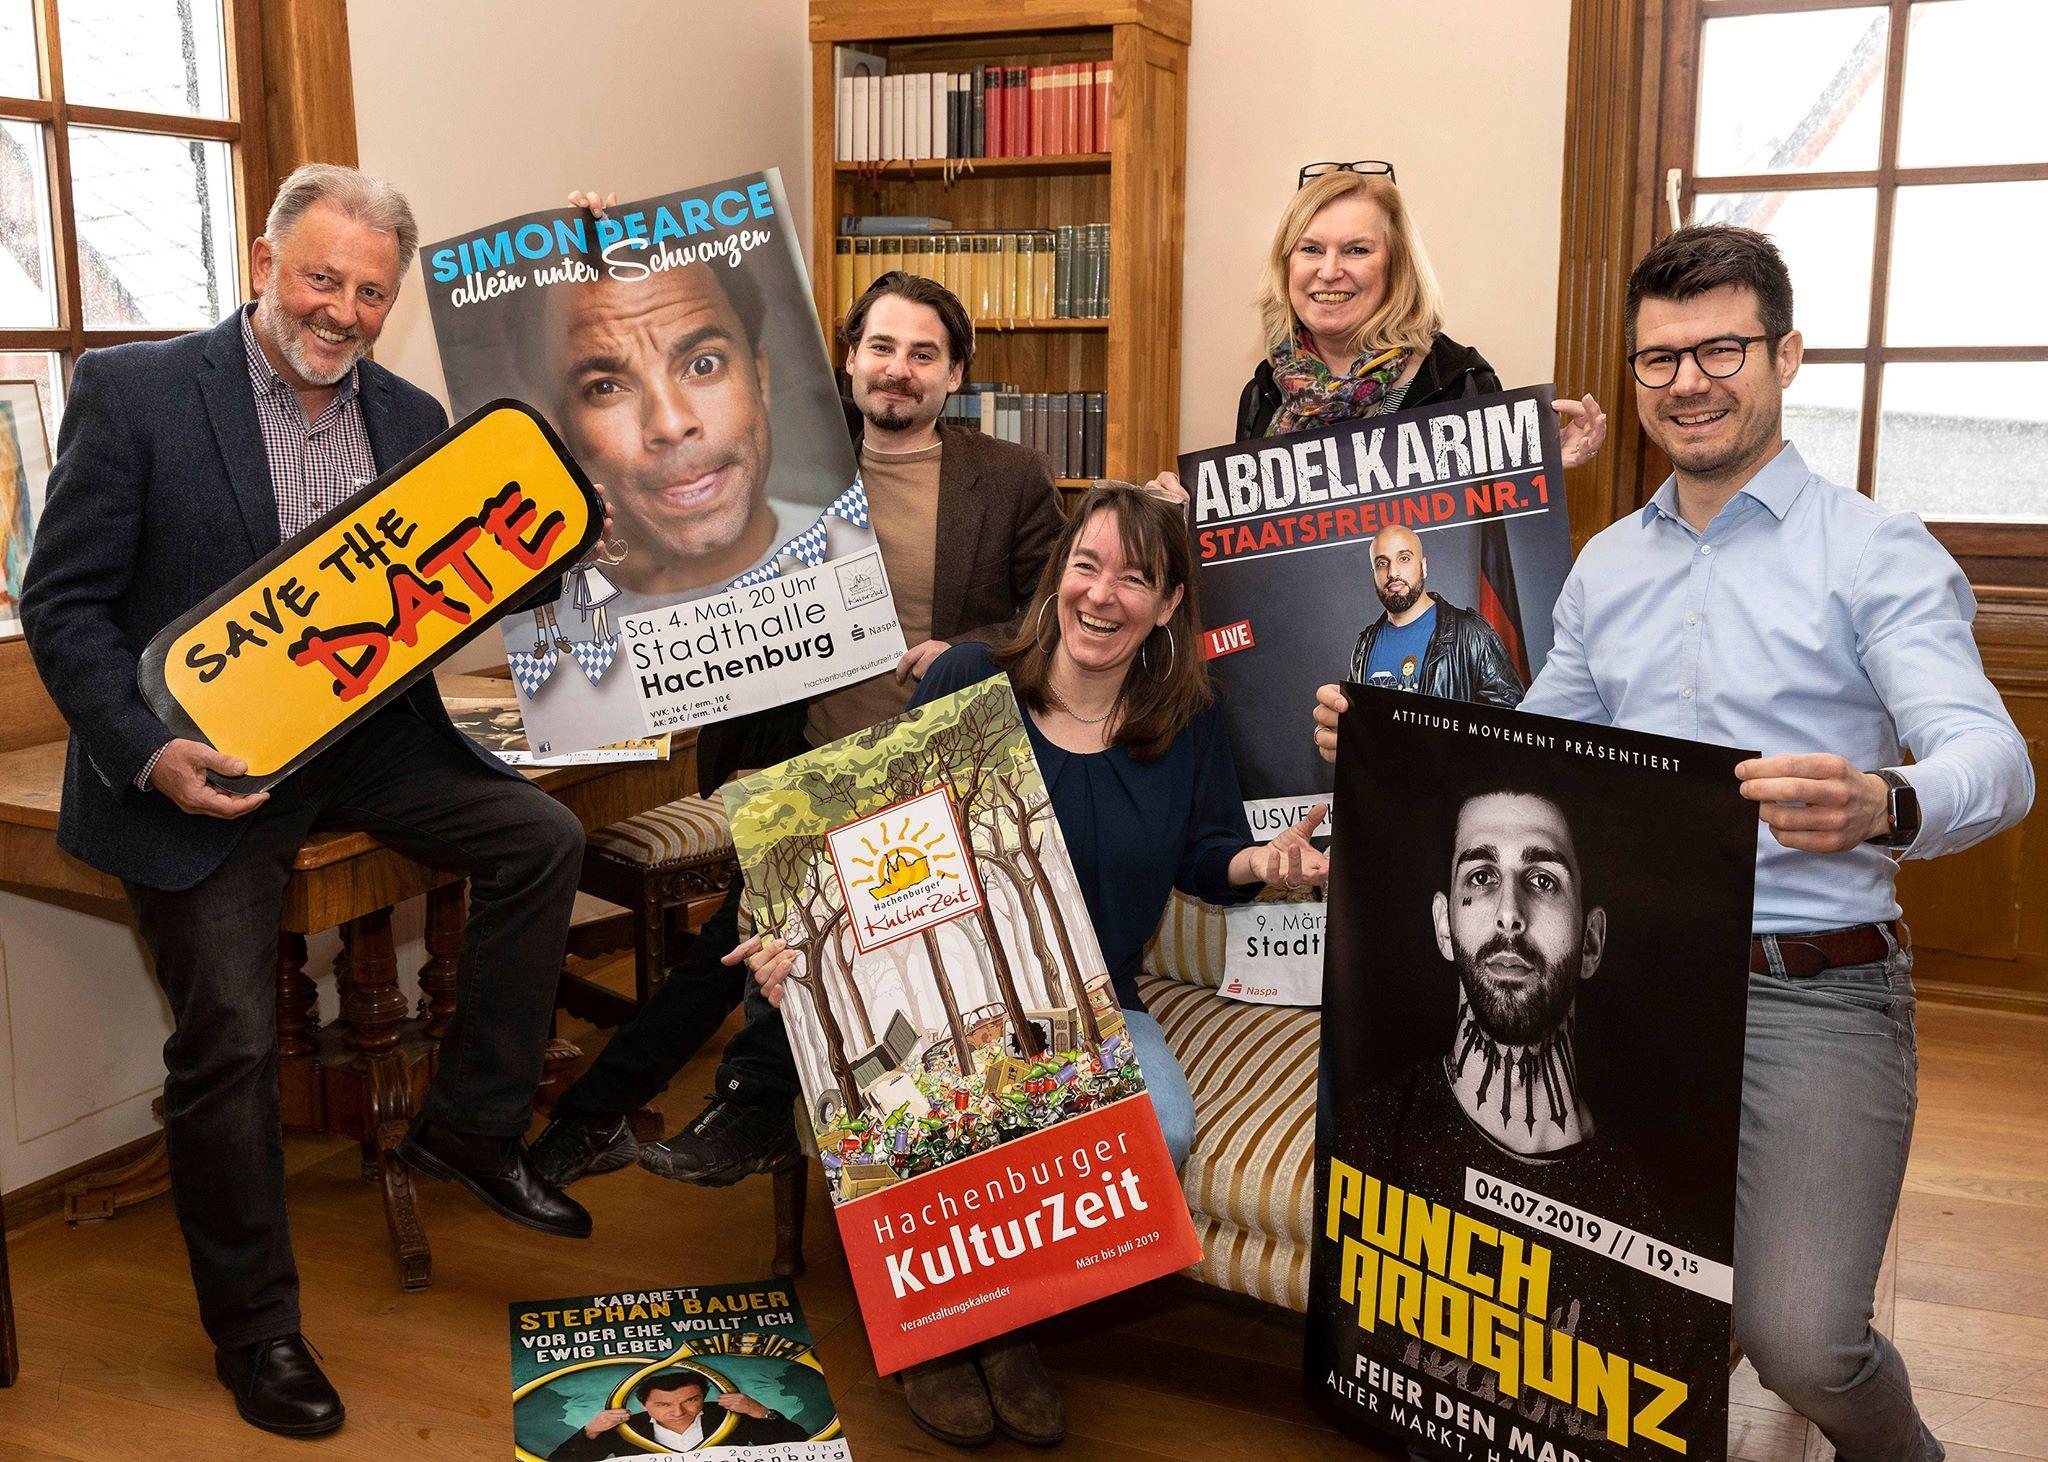 Halbjahresprogramm der Hachenburger Kulturzeit erschienen